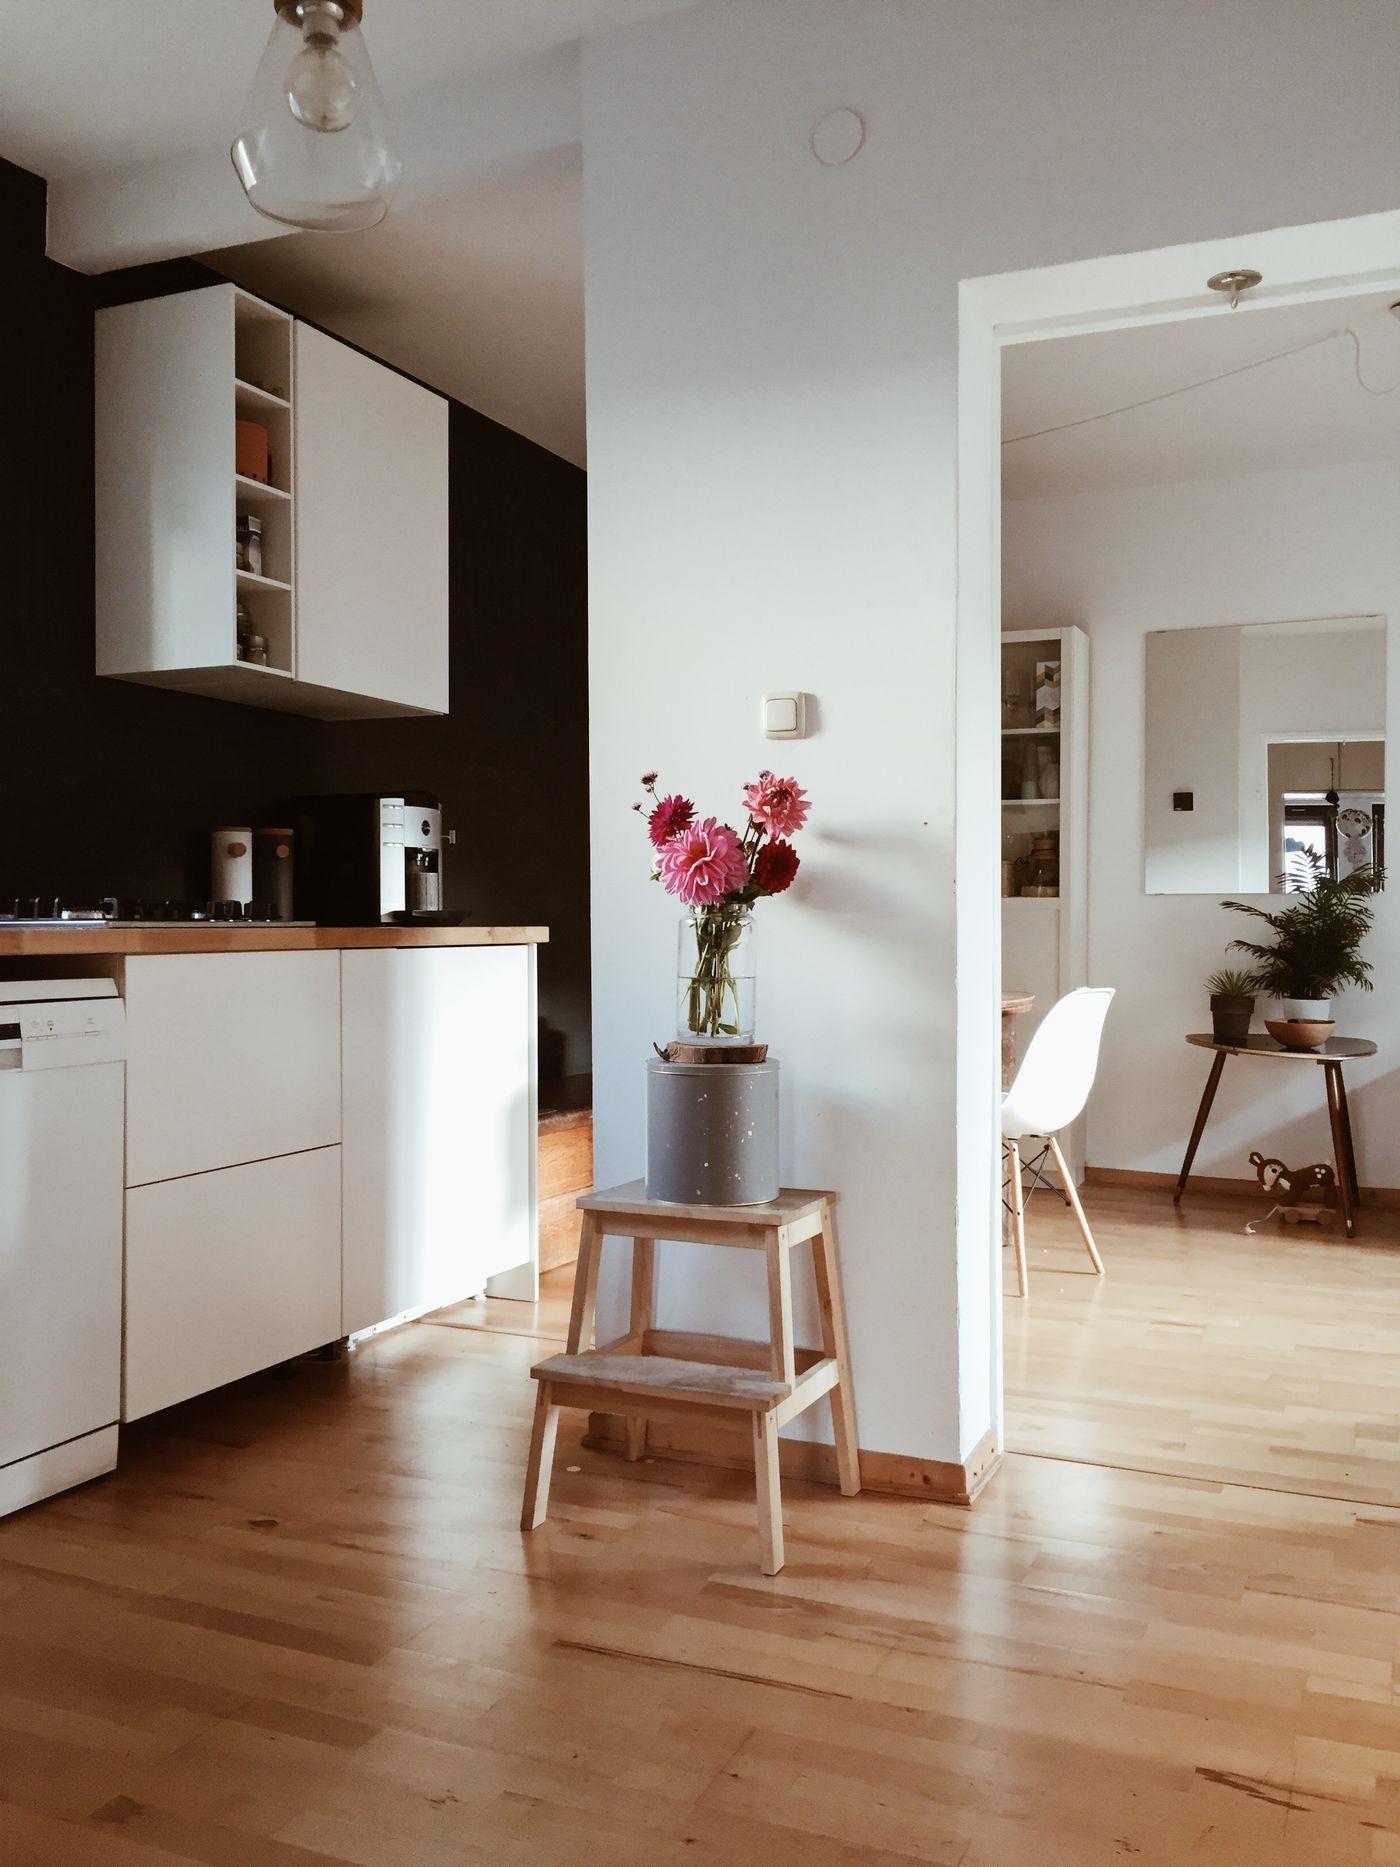 offene k chen ideen bilder seite 4. Black Bedroom Furniture Sets. Home Design Ideas